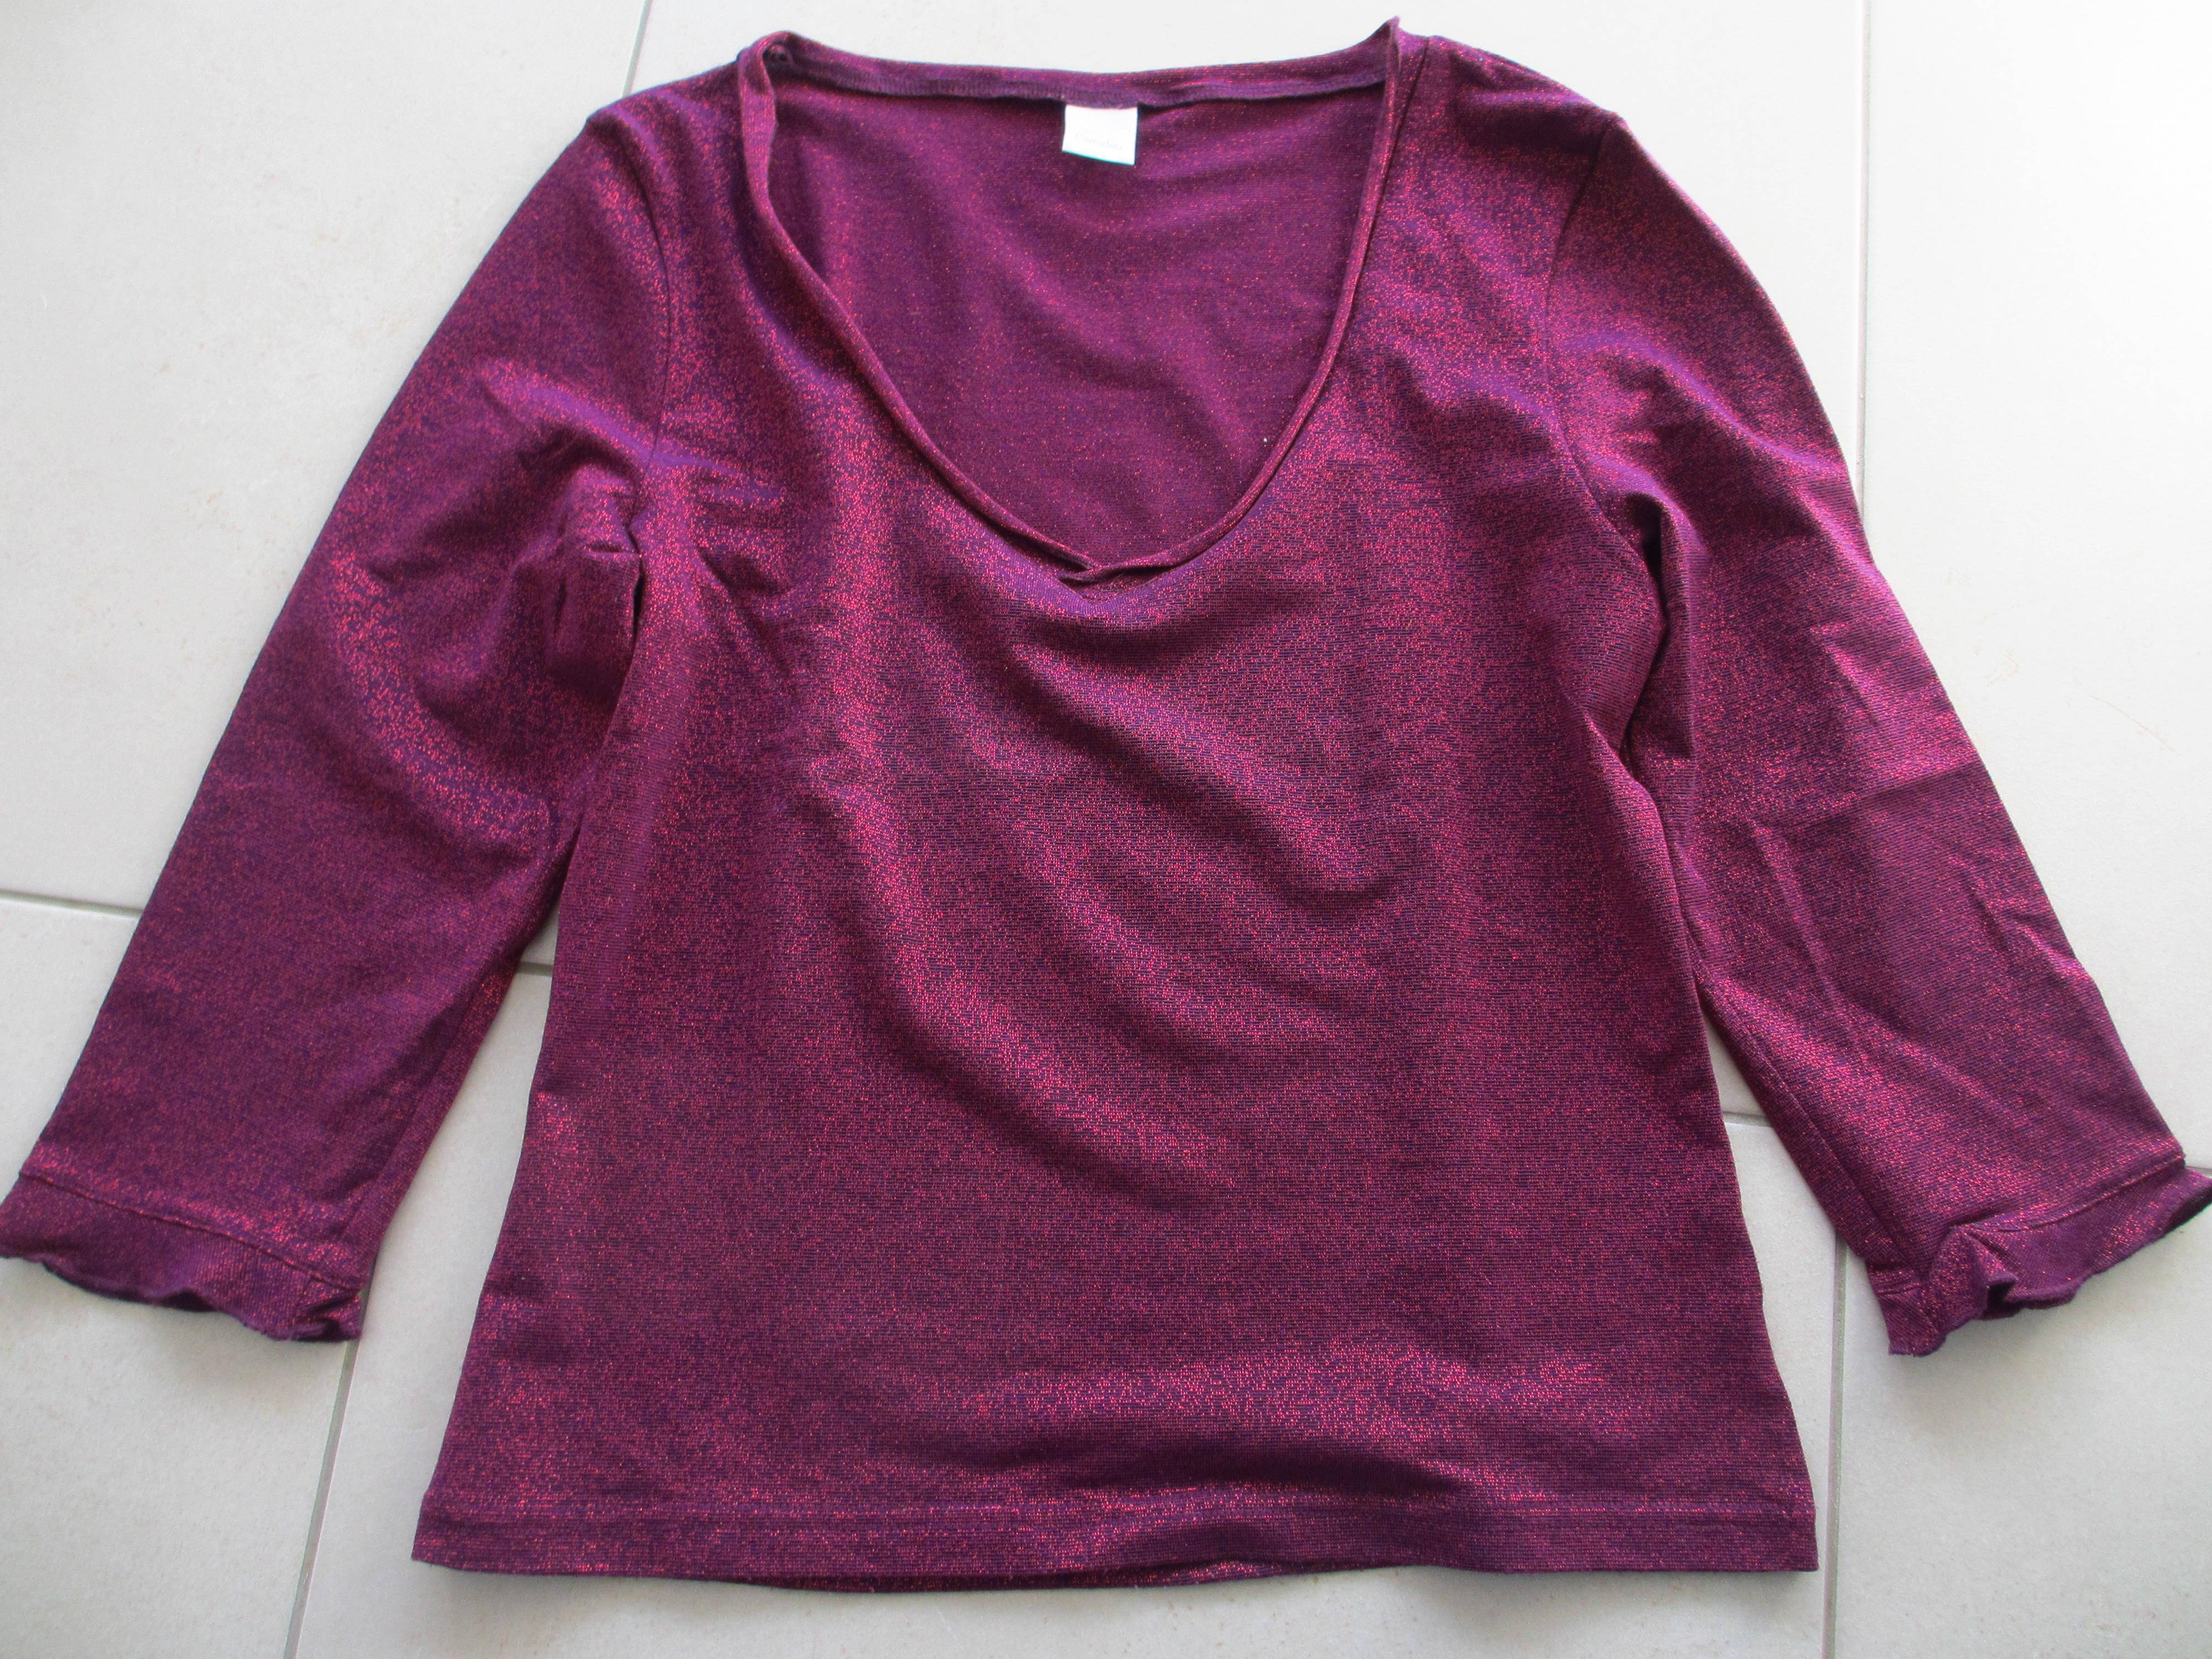 troc de troc t shirt avec reflets image 0